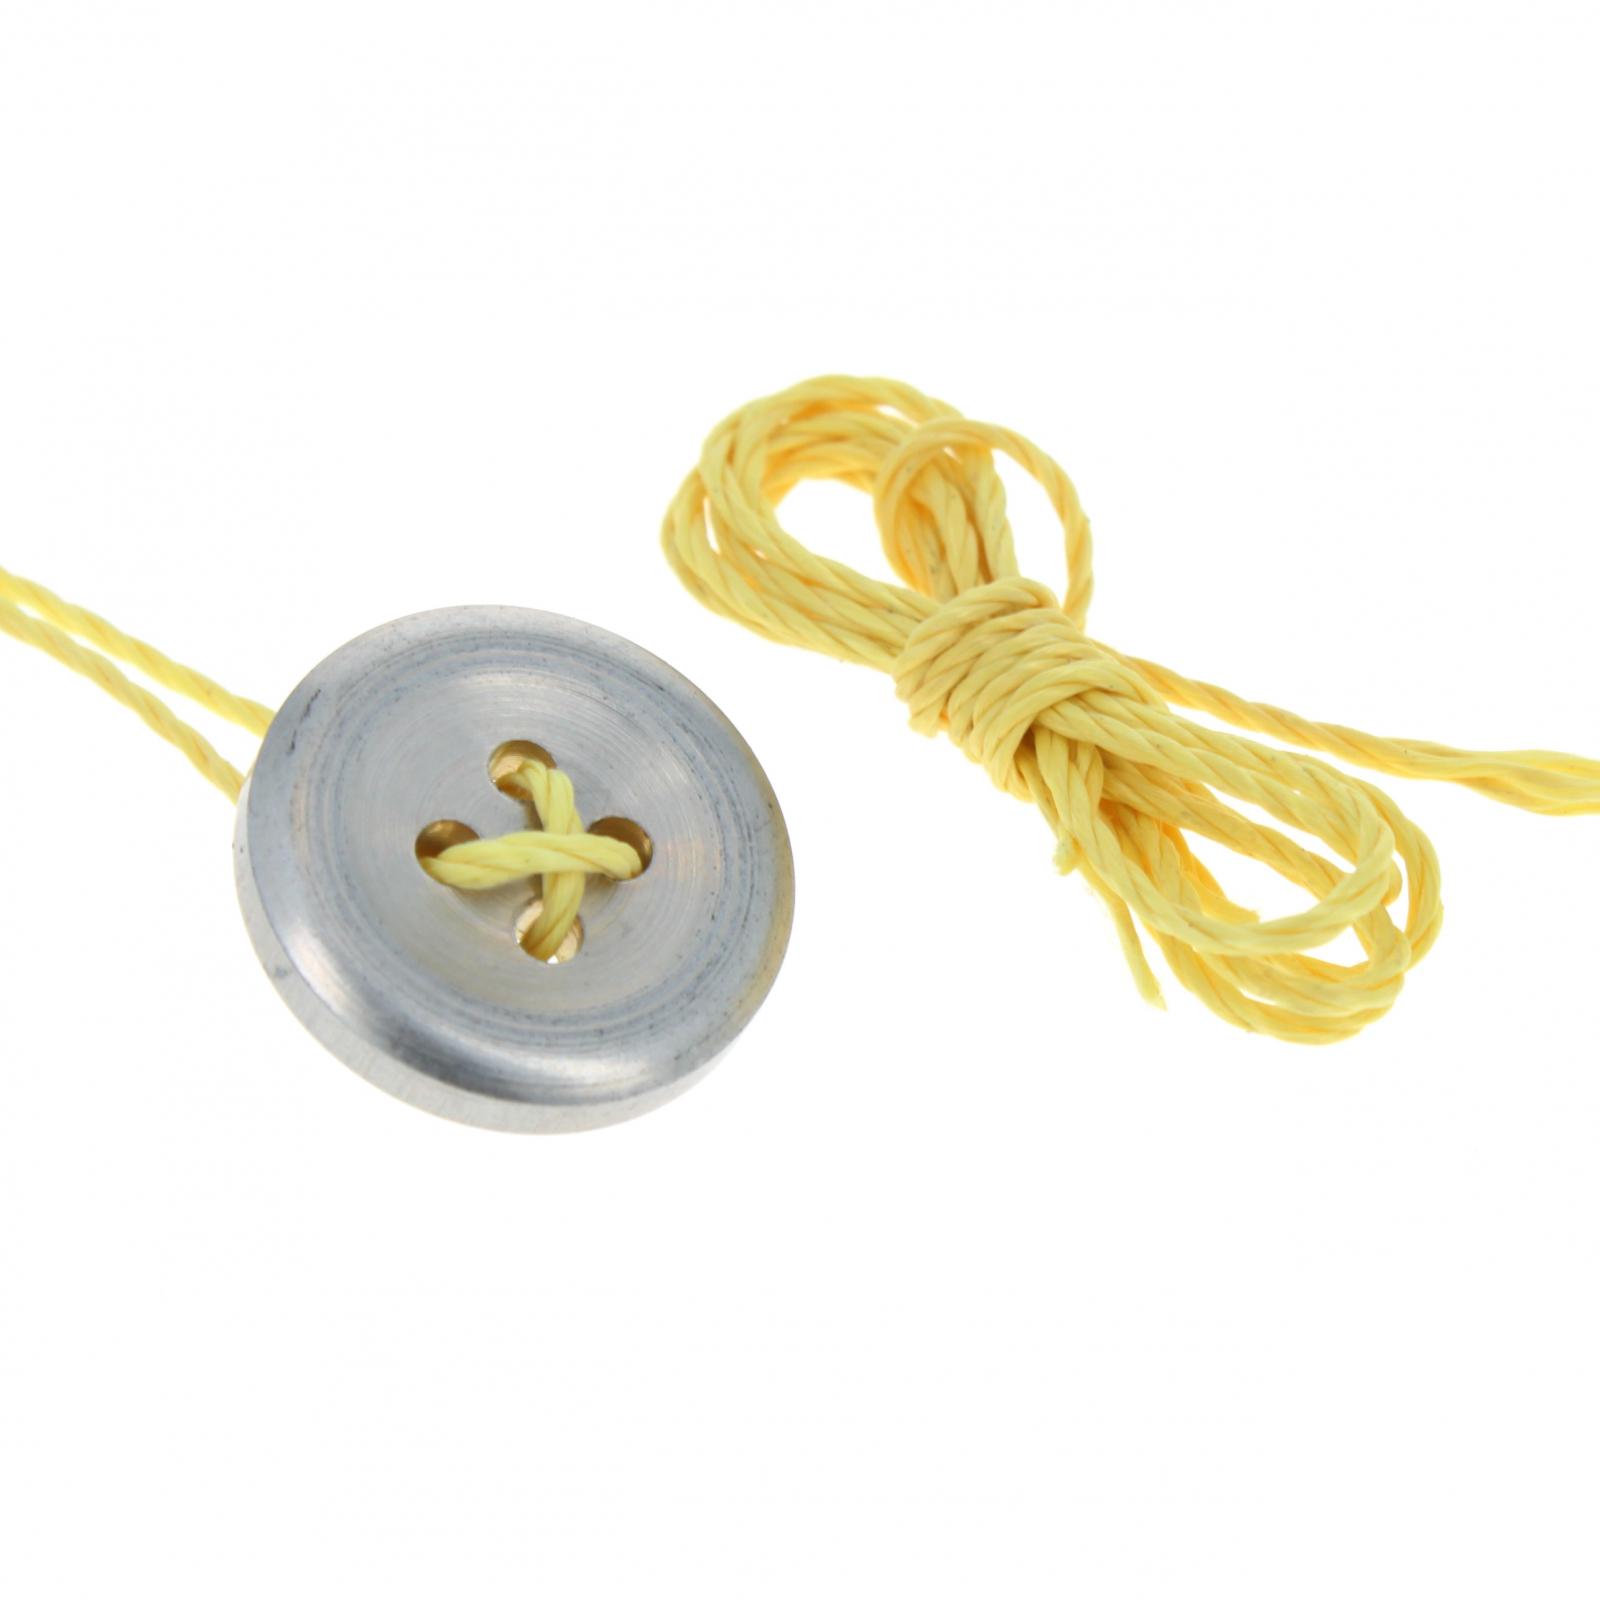 ASR Tactical Fire Button Fire Starter Magnesium 3ft Kevlar